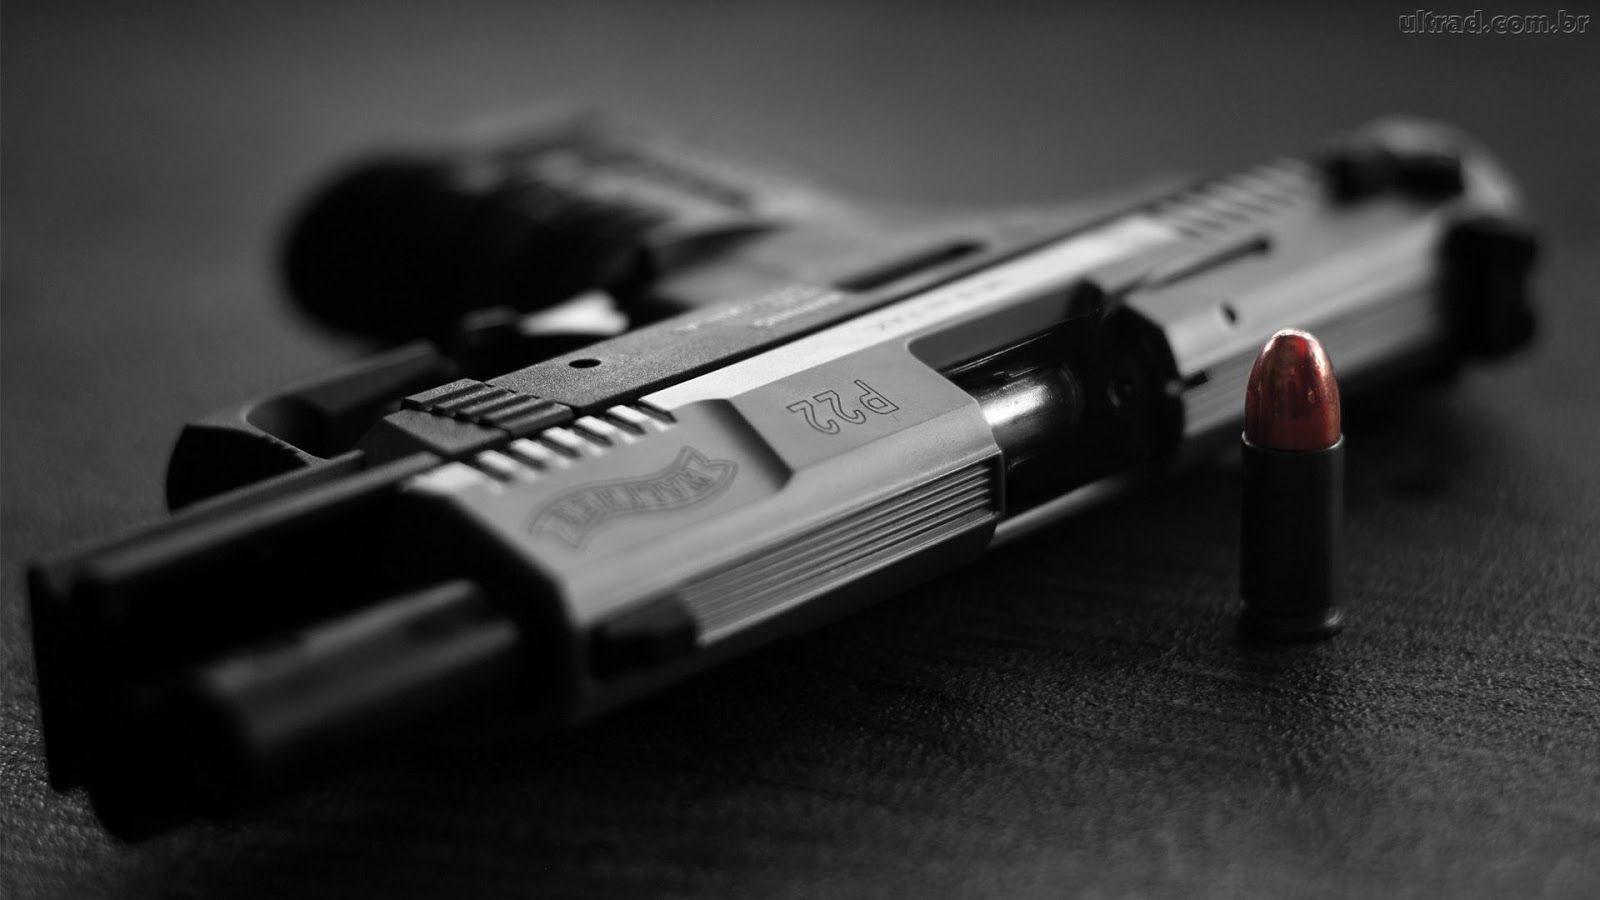 Editorial: Porte de armas deve ser um direito para qualquer pessoa?